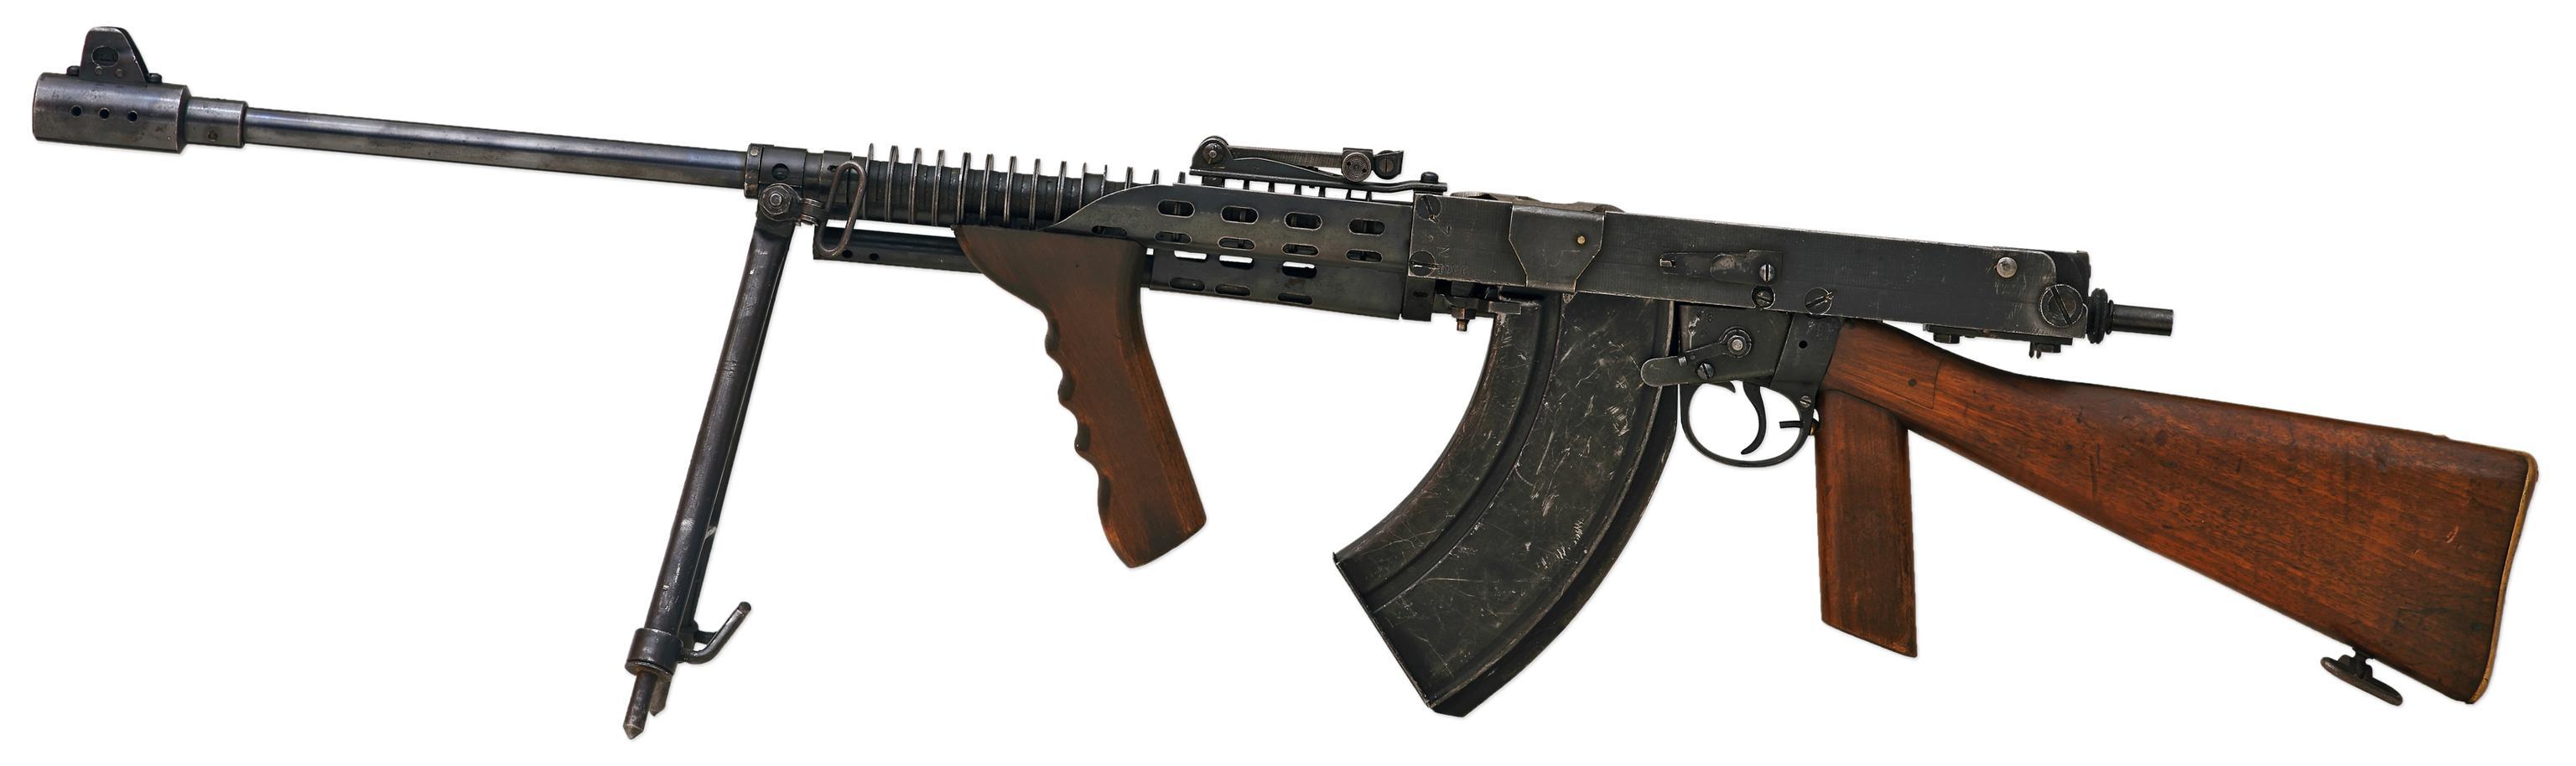 被人遺忘了的槍支:「查爾頓半自動步槍」 - 每日頭條